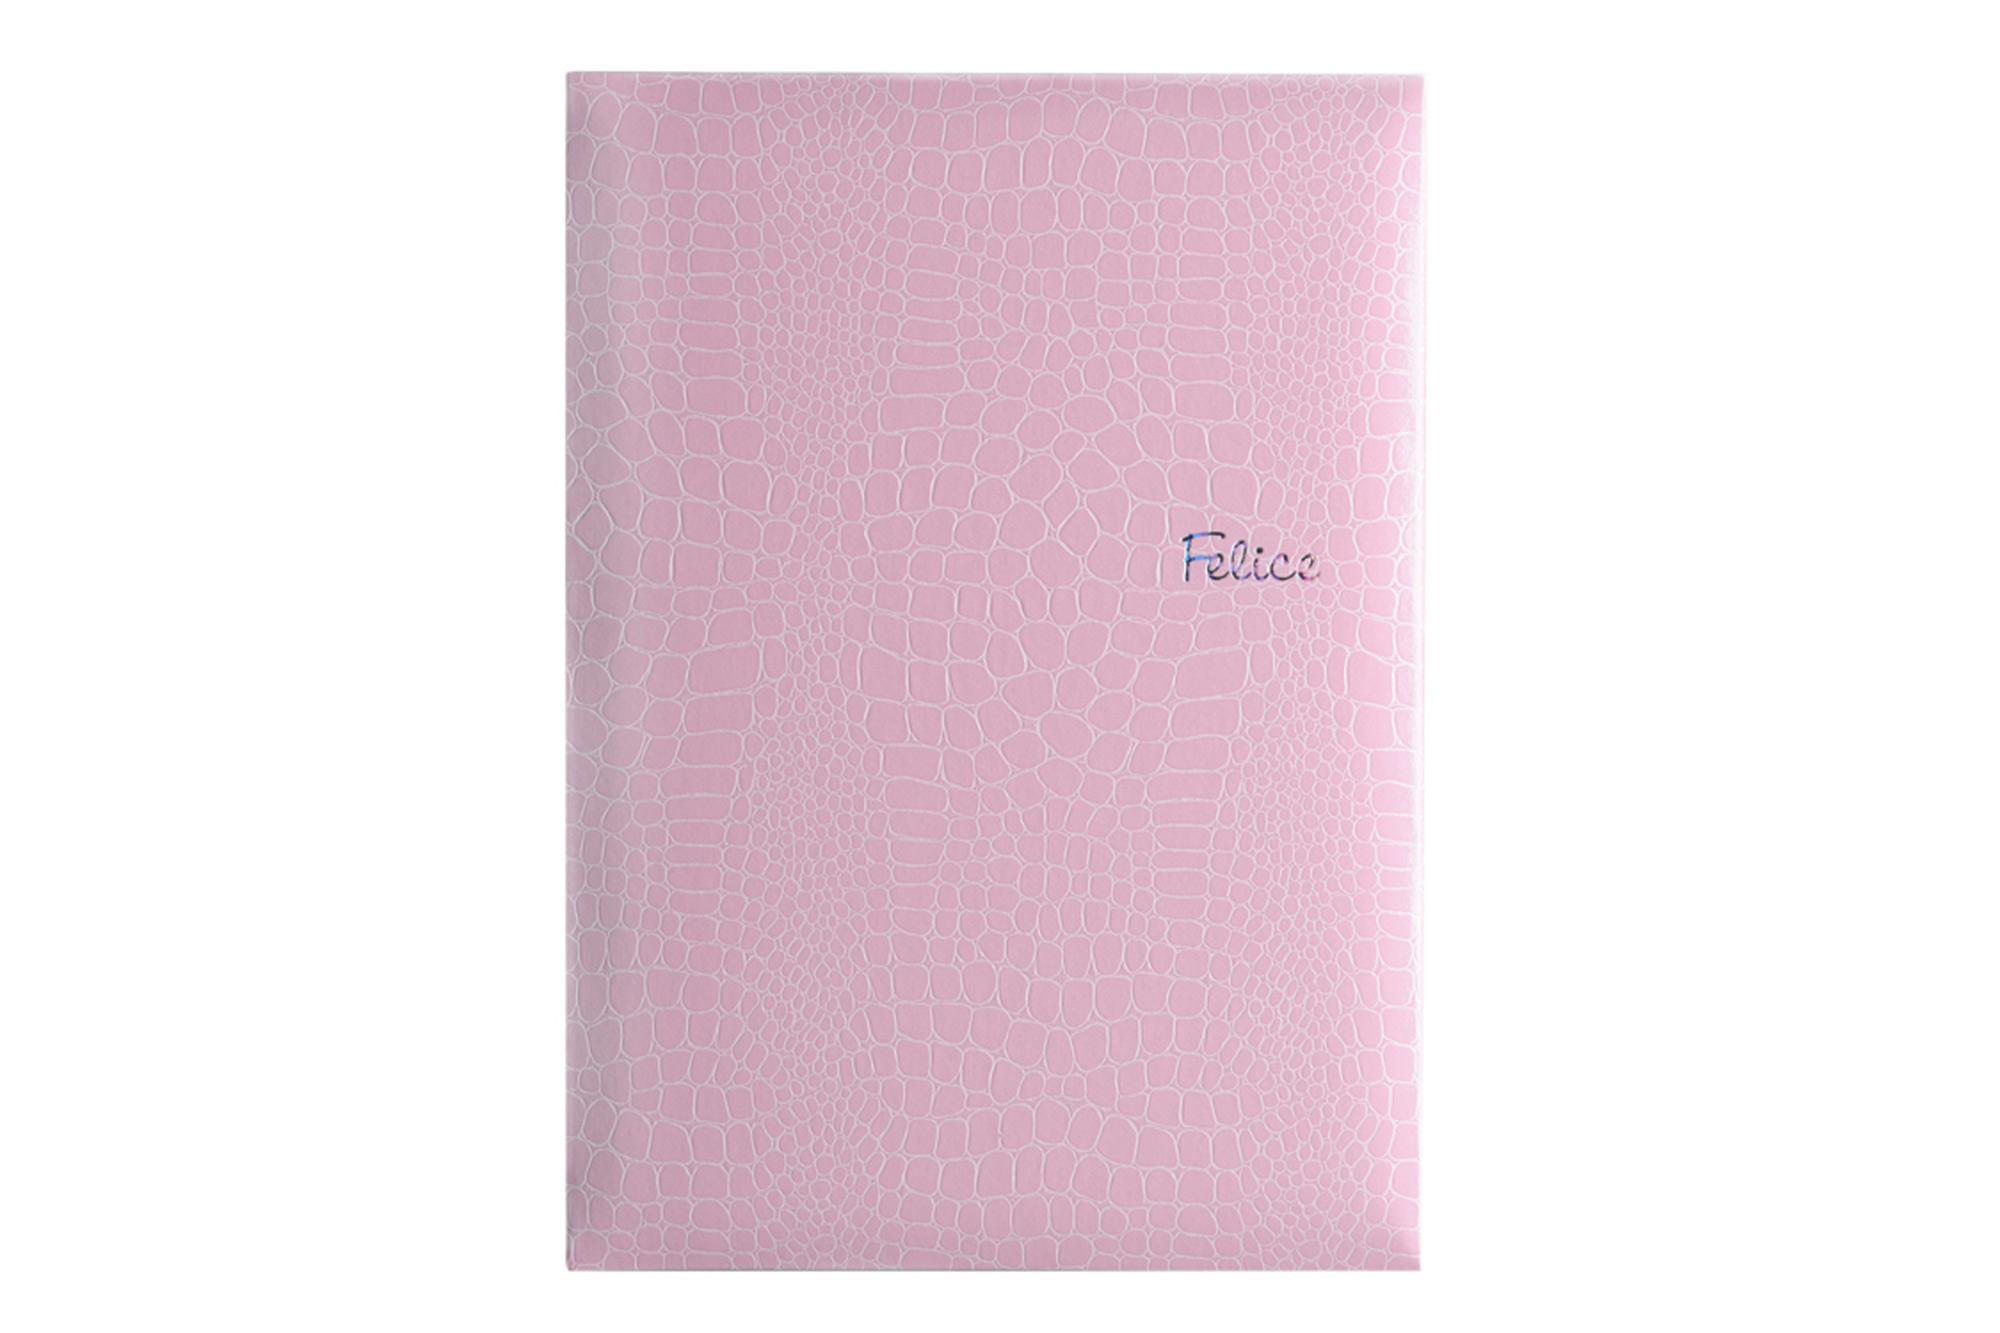 モード ピンク